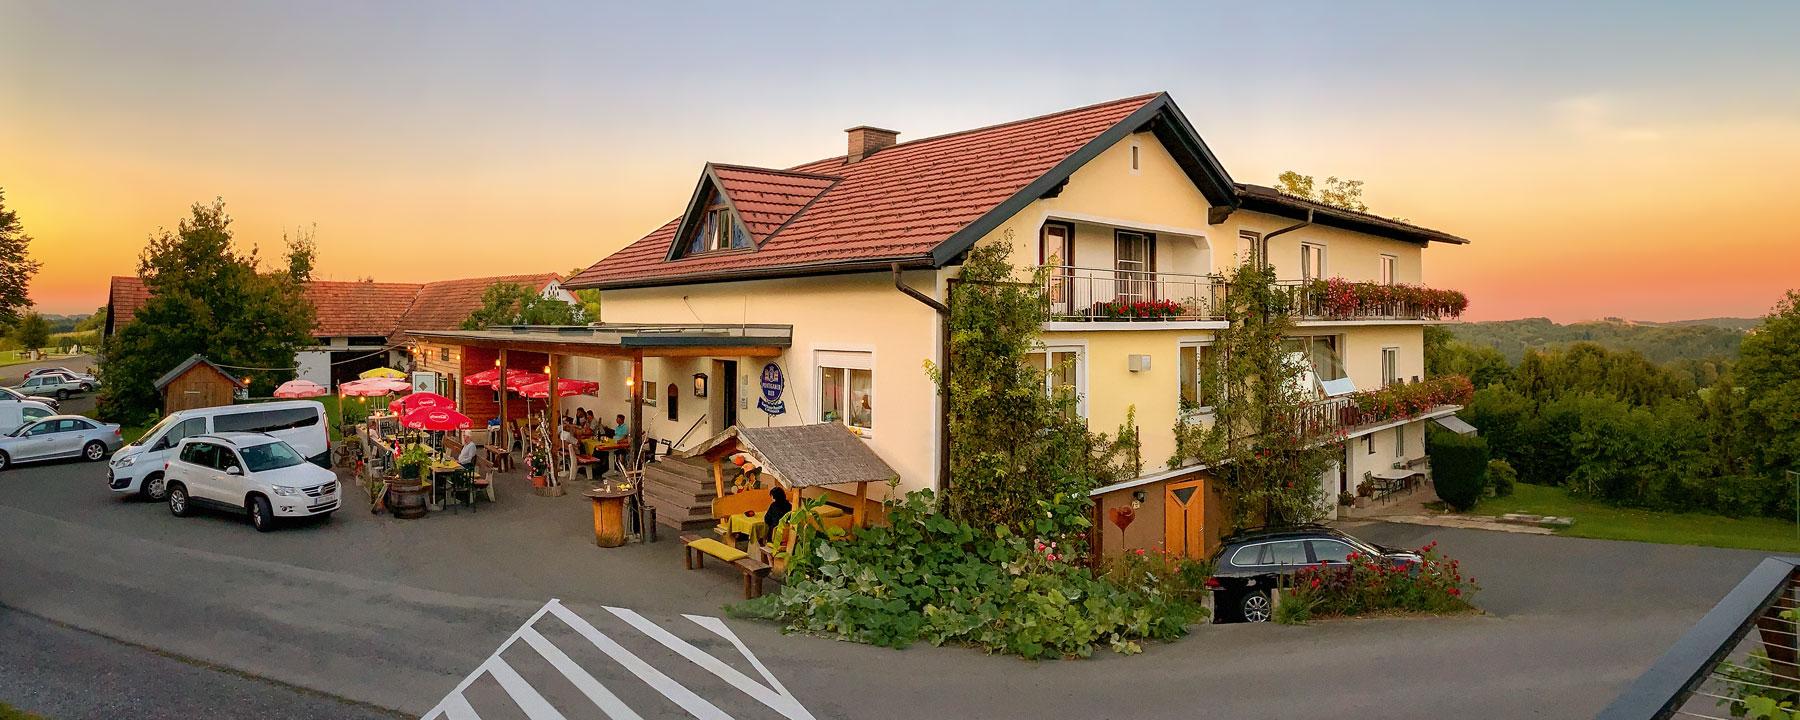 Außenansicht von Gasthof Weninger in Perlsdorf bei Paldau